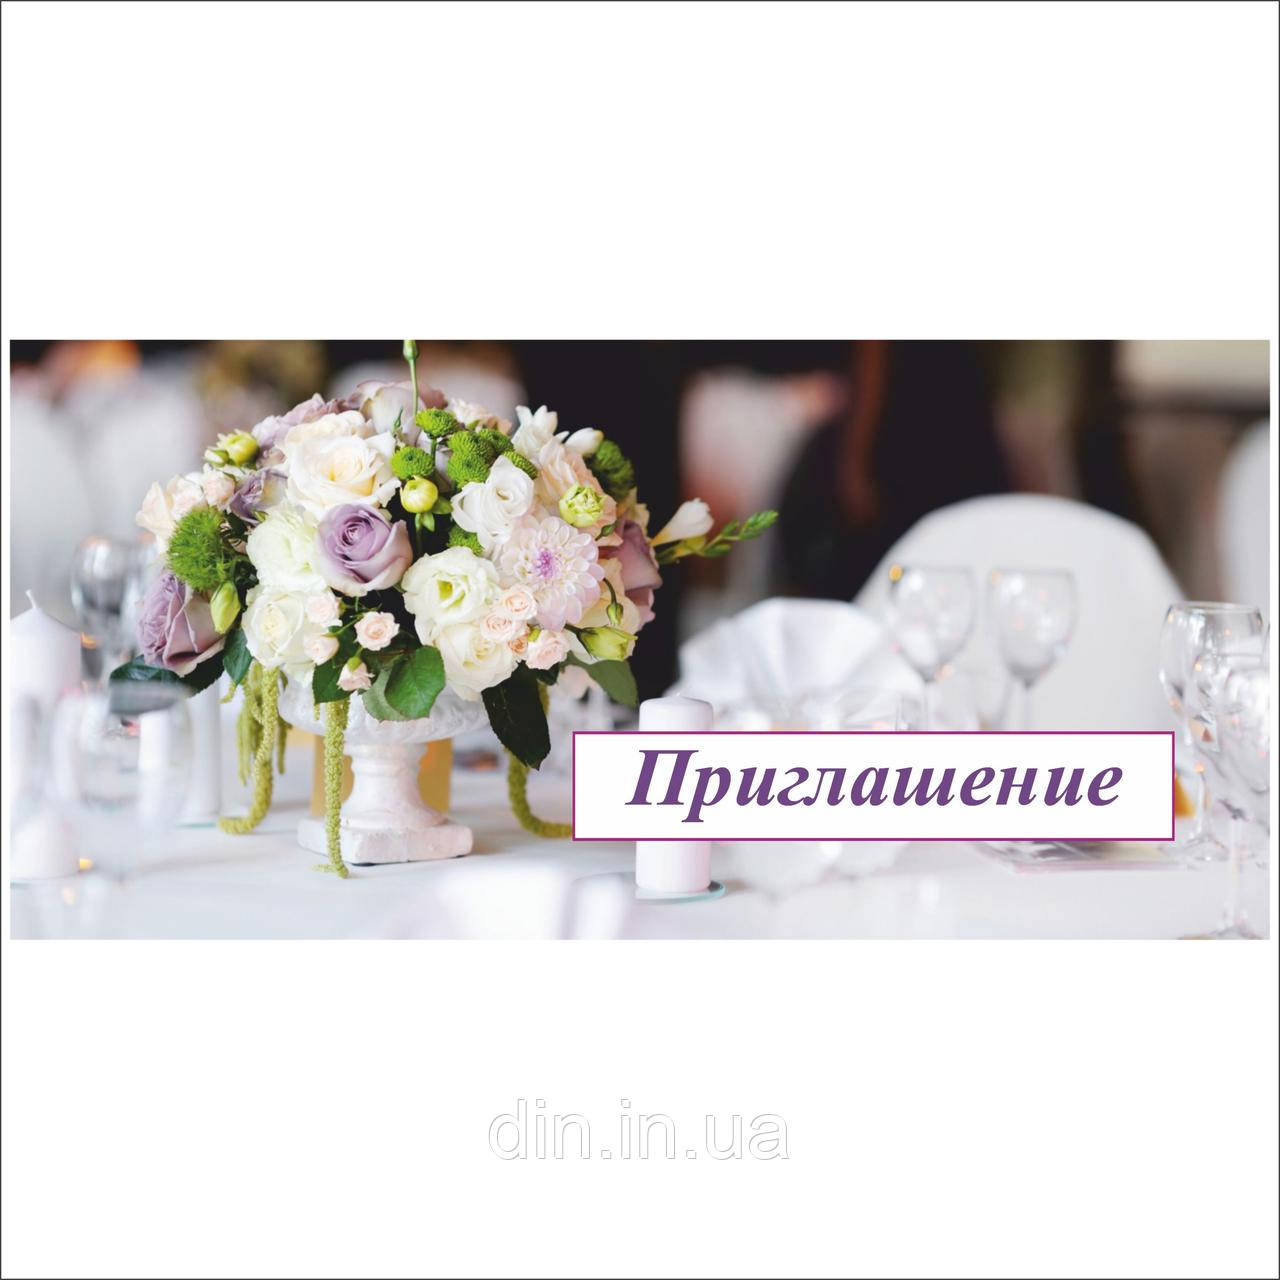 Запрошення на весілля (10 шт.)